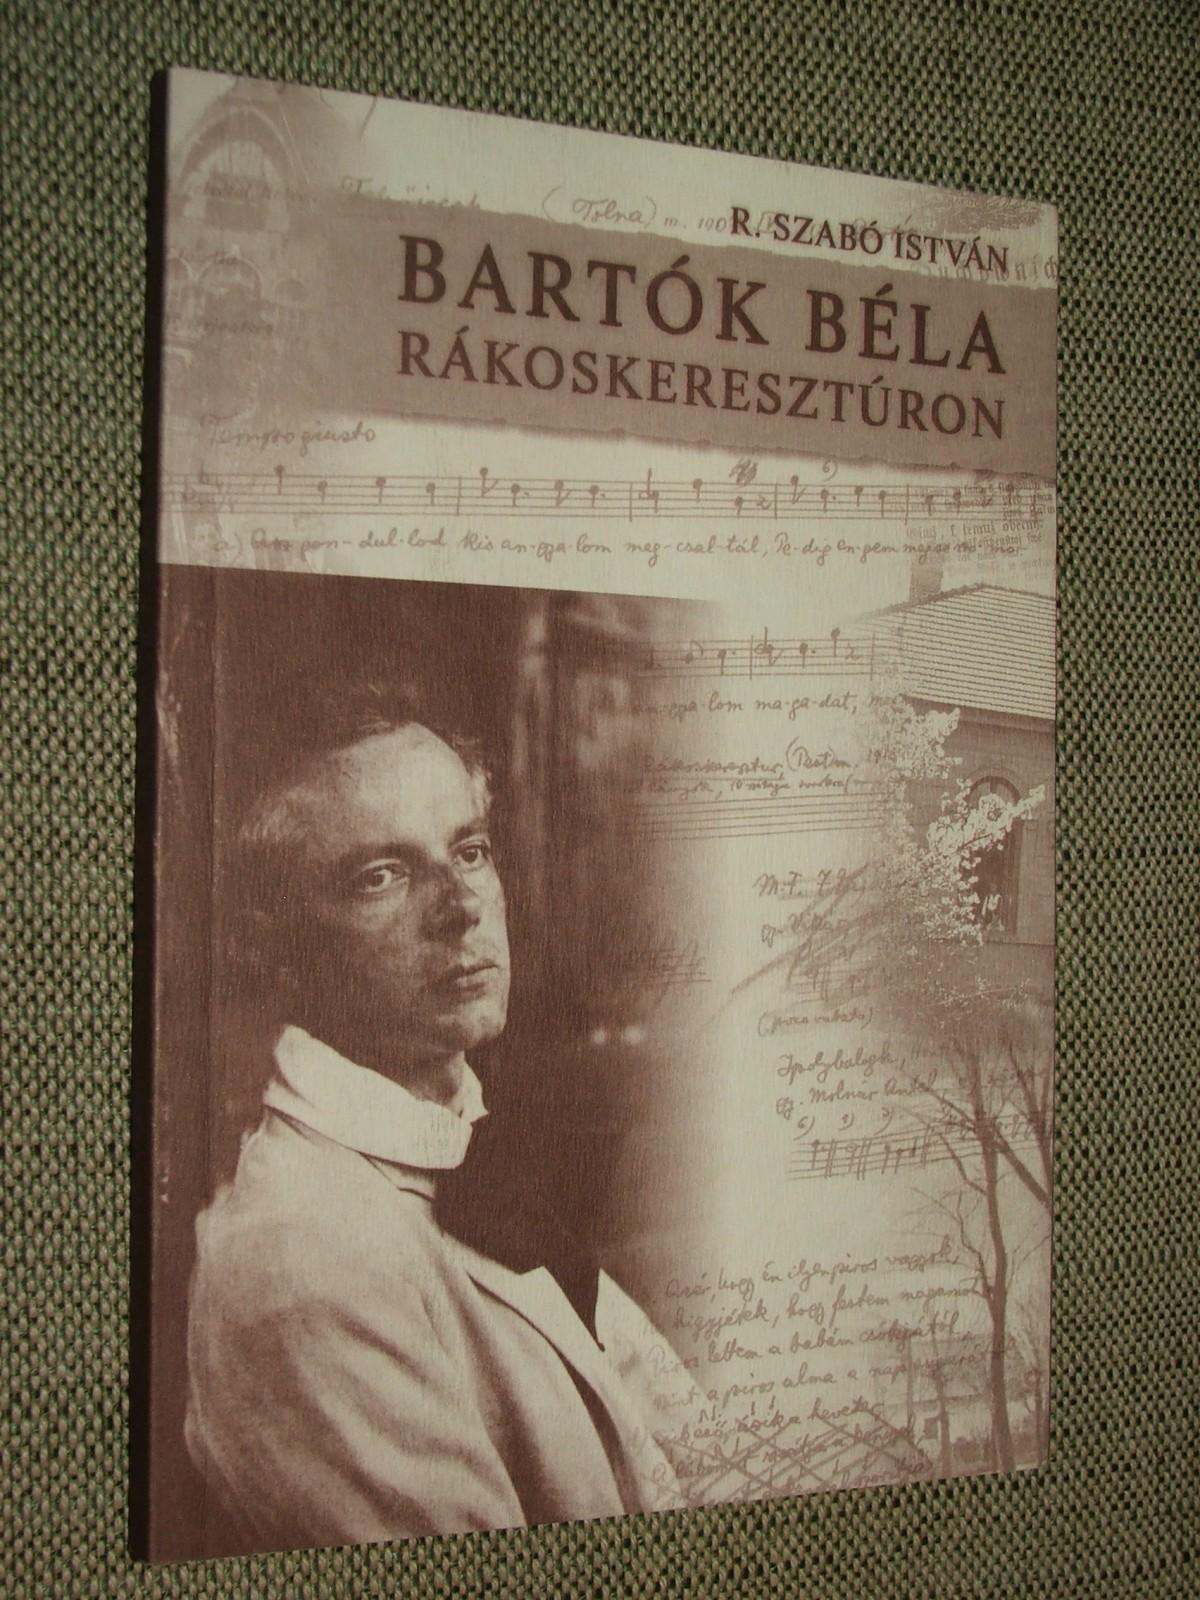 SZABÓ István: Bartók Béla Rákoskeresztúron